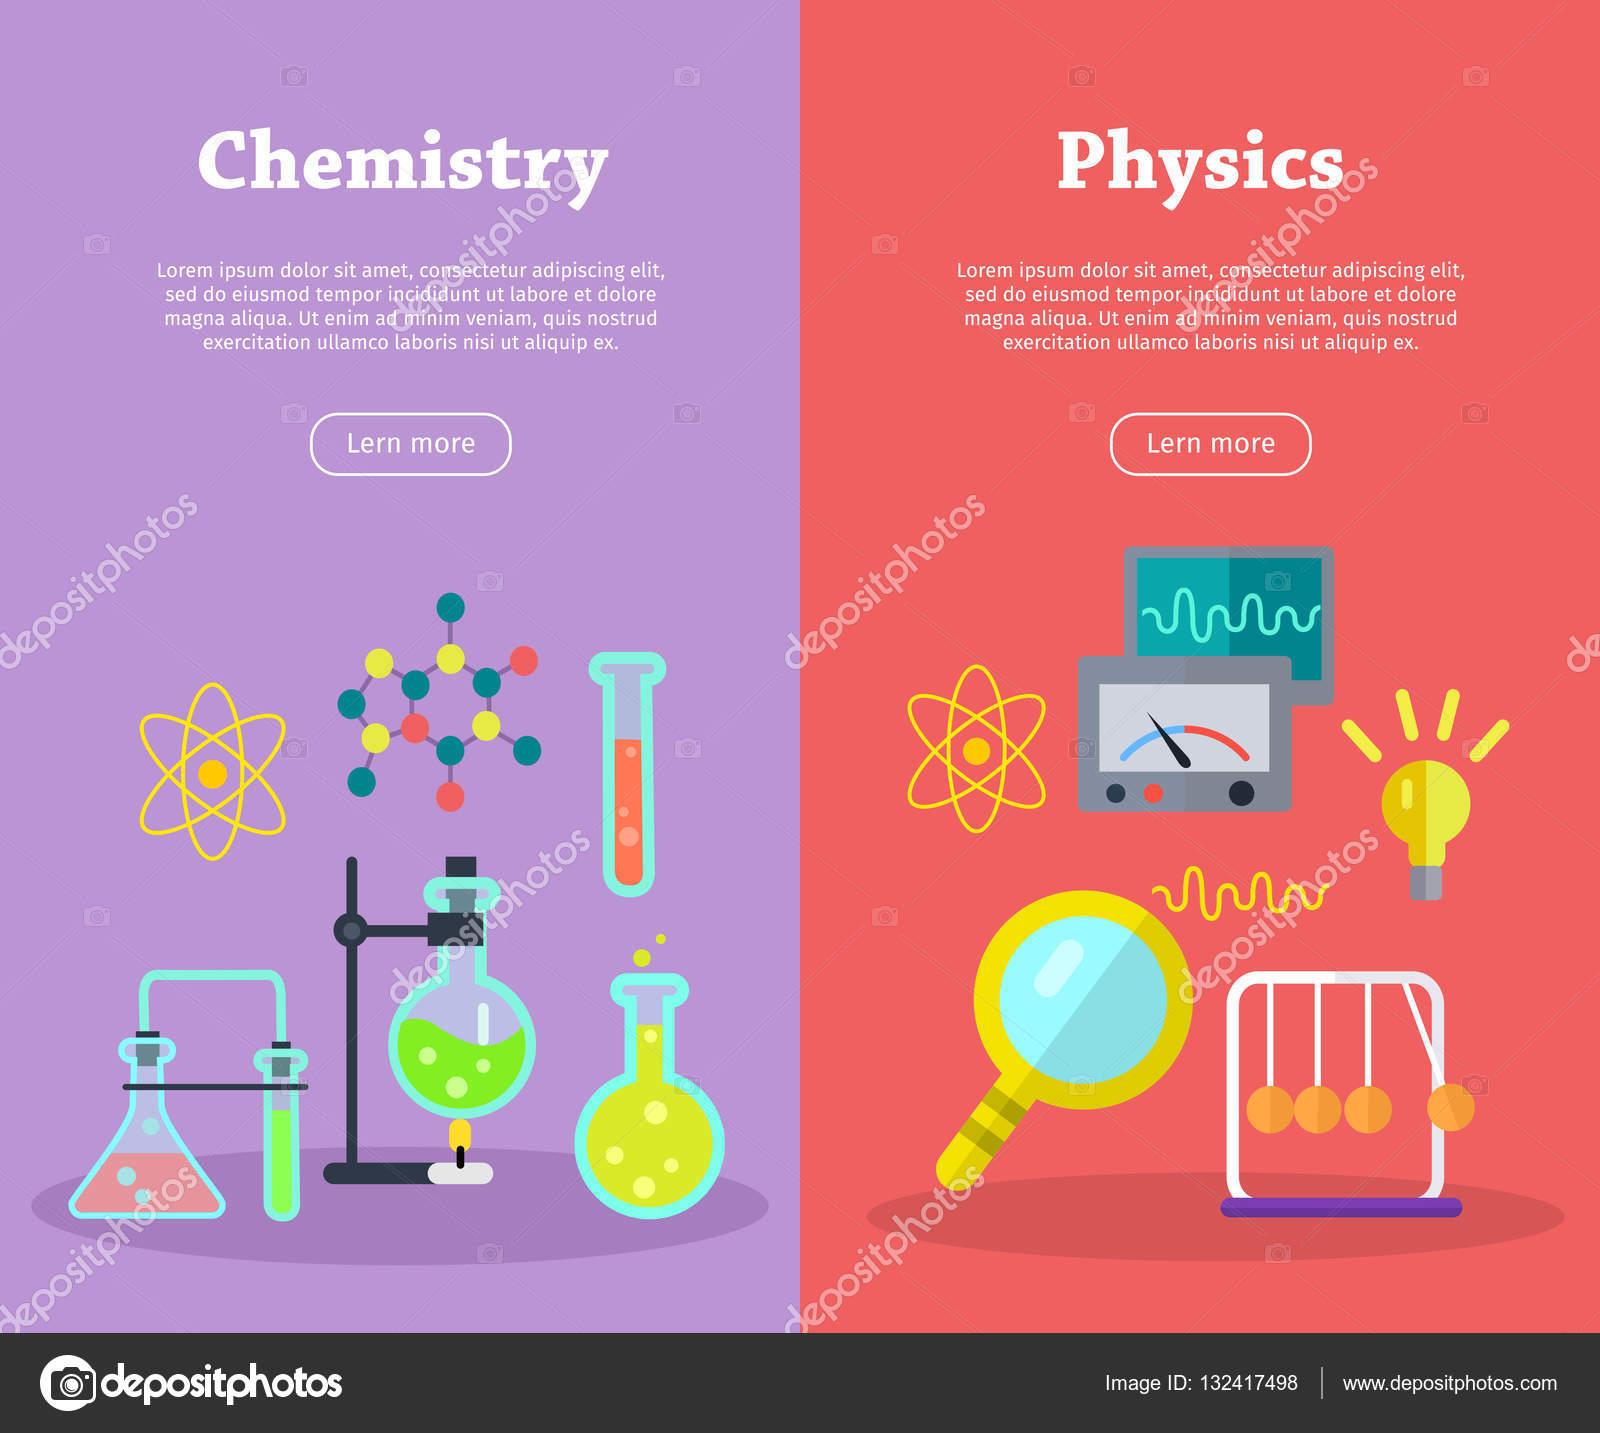 Banners de cincia de fsica e qumica vector vetor de stock banners de cincia de fsica e qumica vector vetor de stock ccuart Gallery